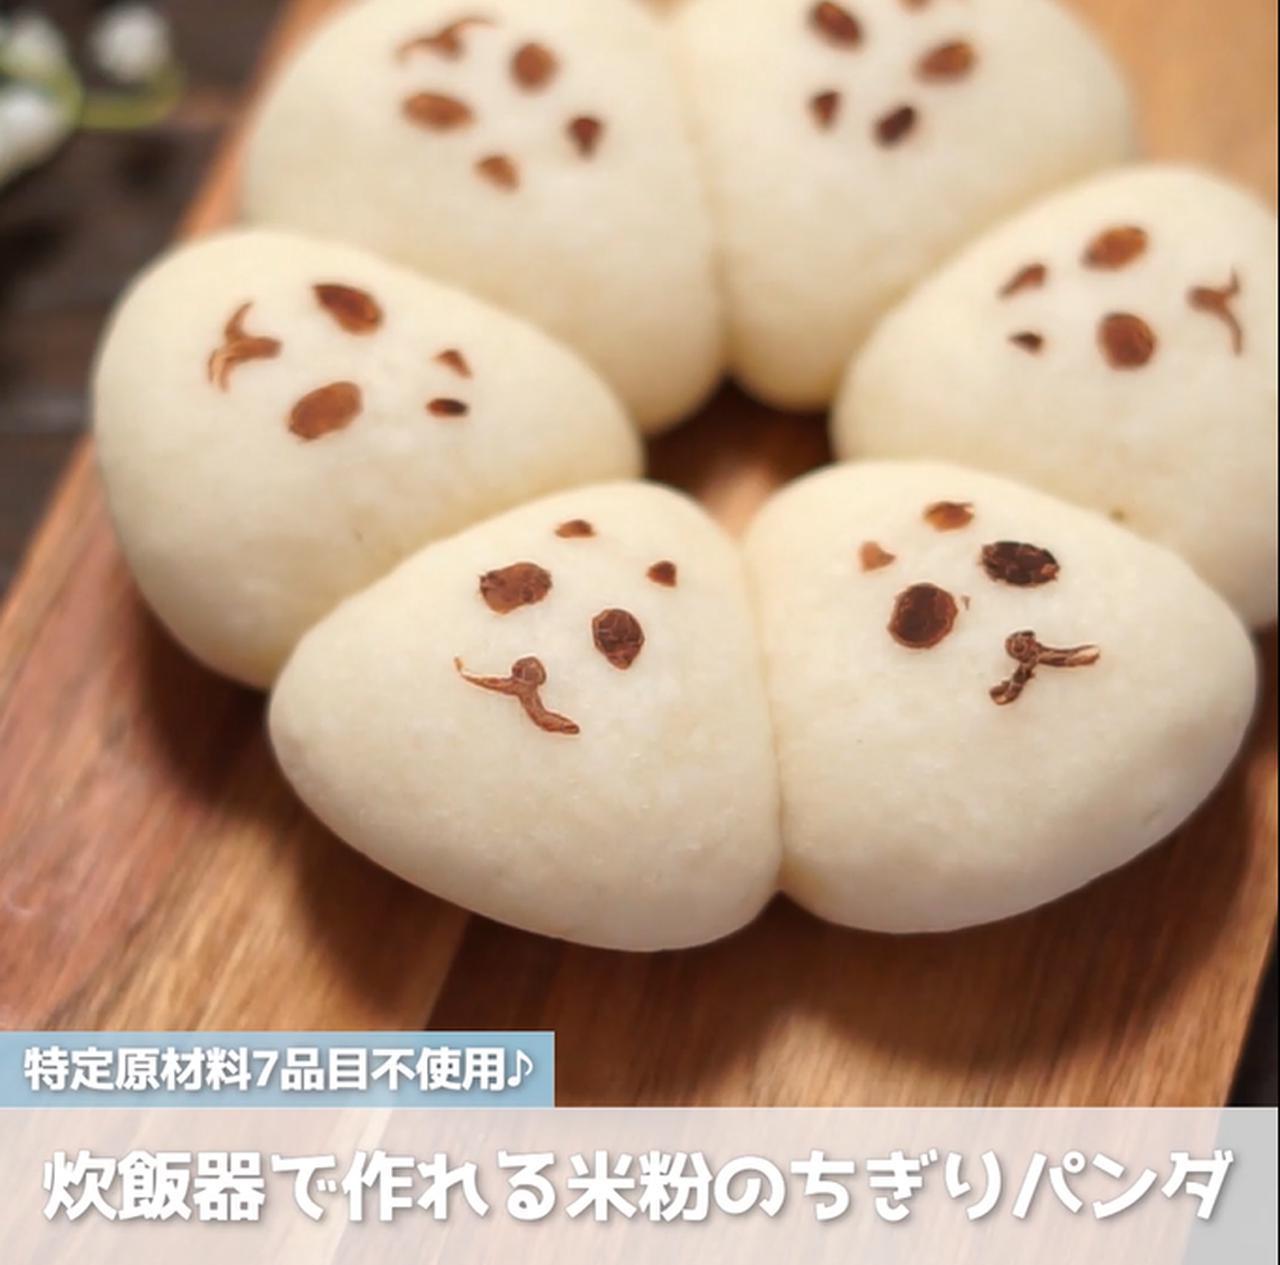 画像: 炊飯器で作る米粉のちぎりパン - 君とごはん